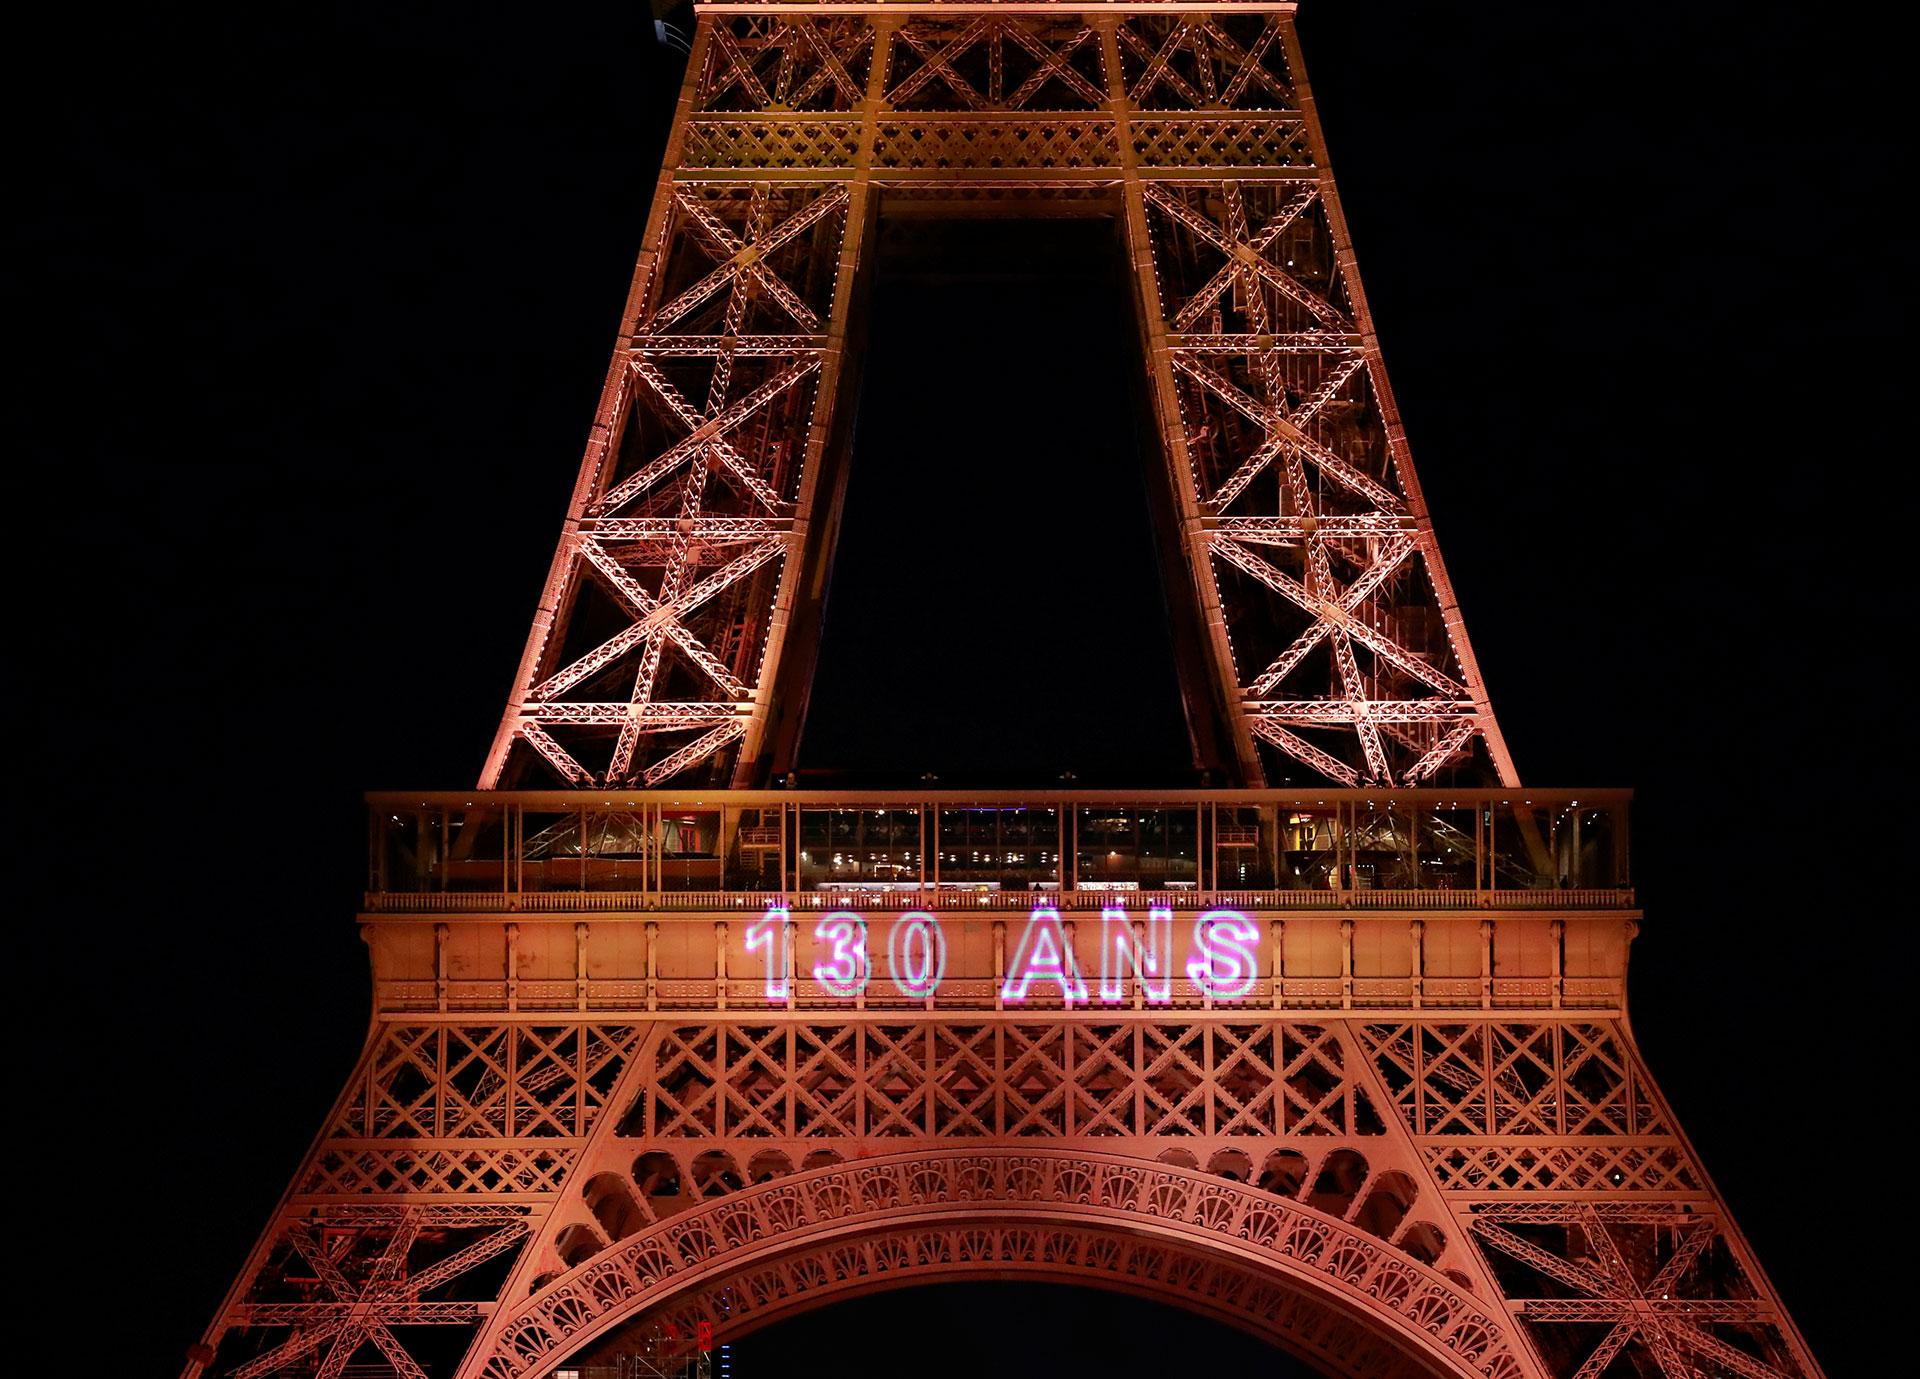 Miles de parisinos celebraron el aniversario 130 de la construcción de la Torre Eiffel